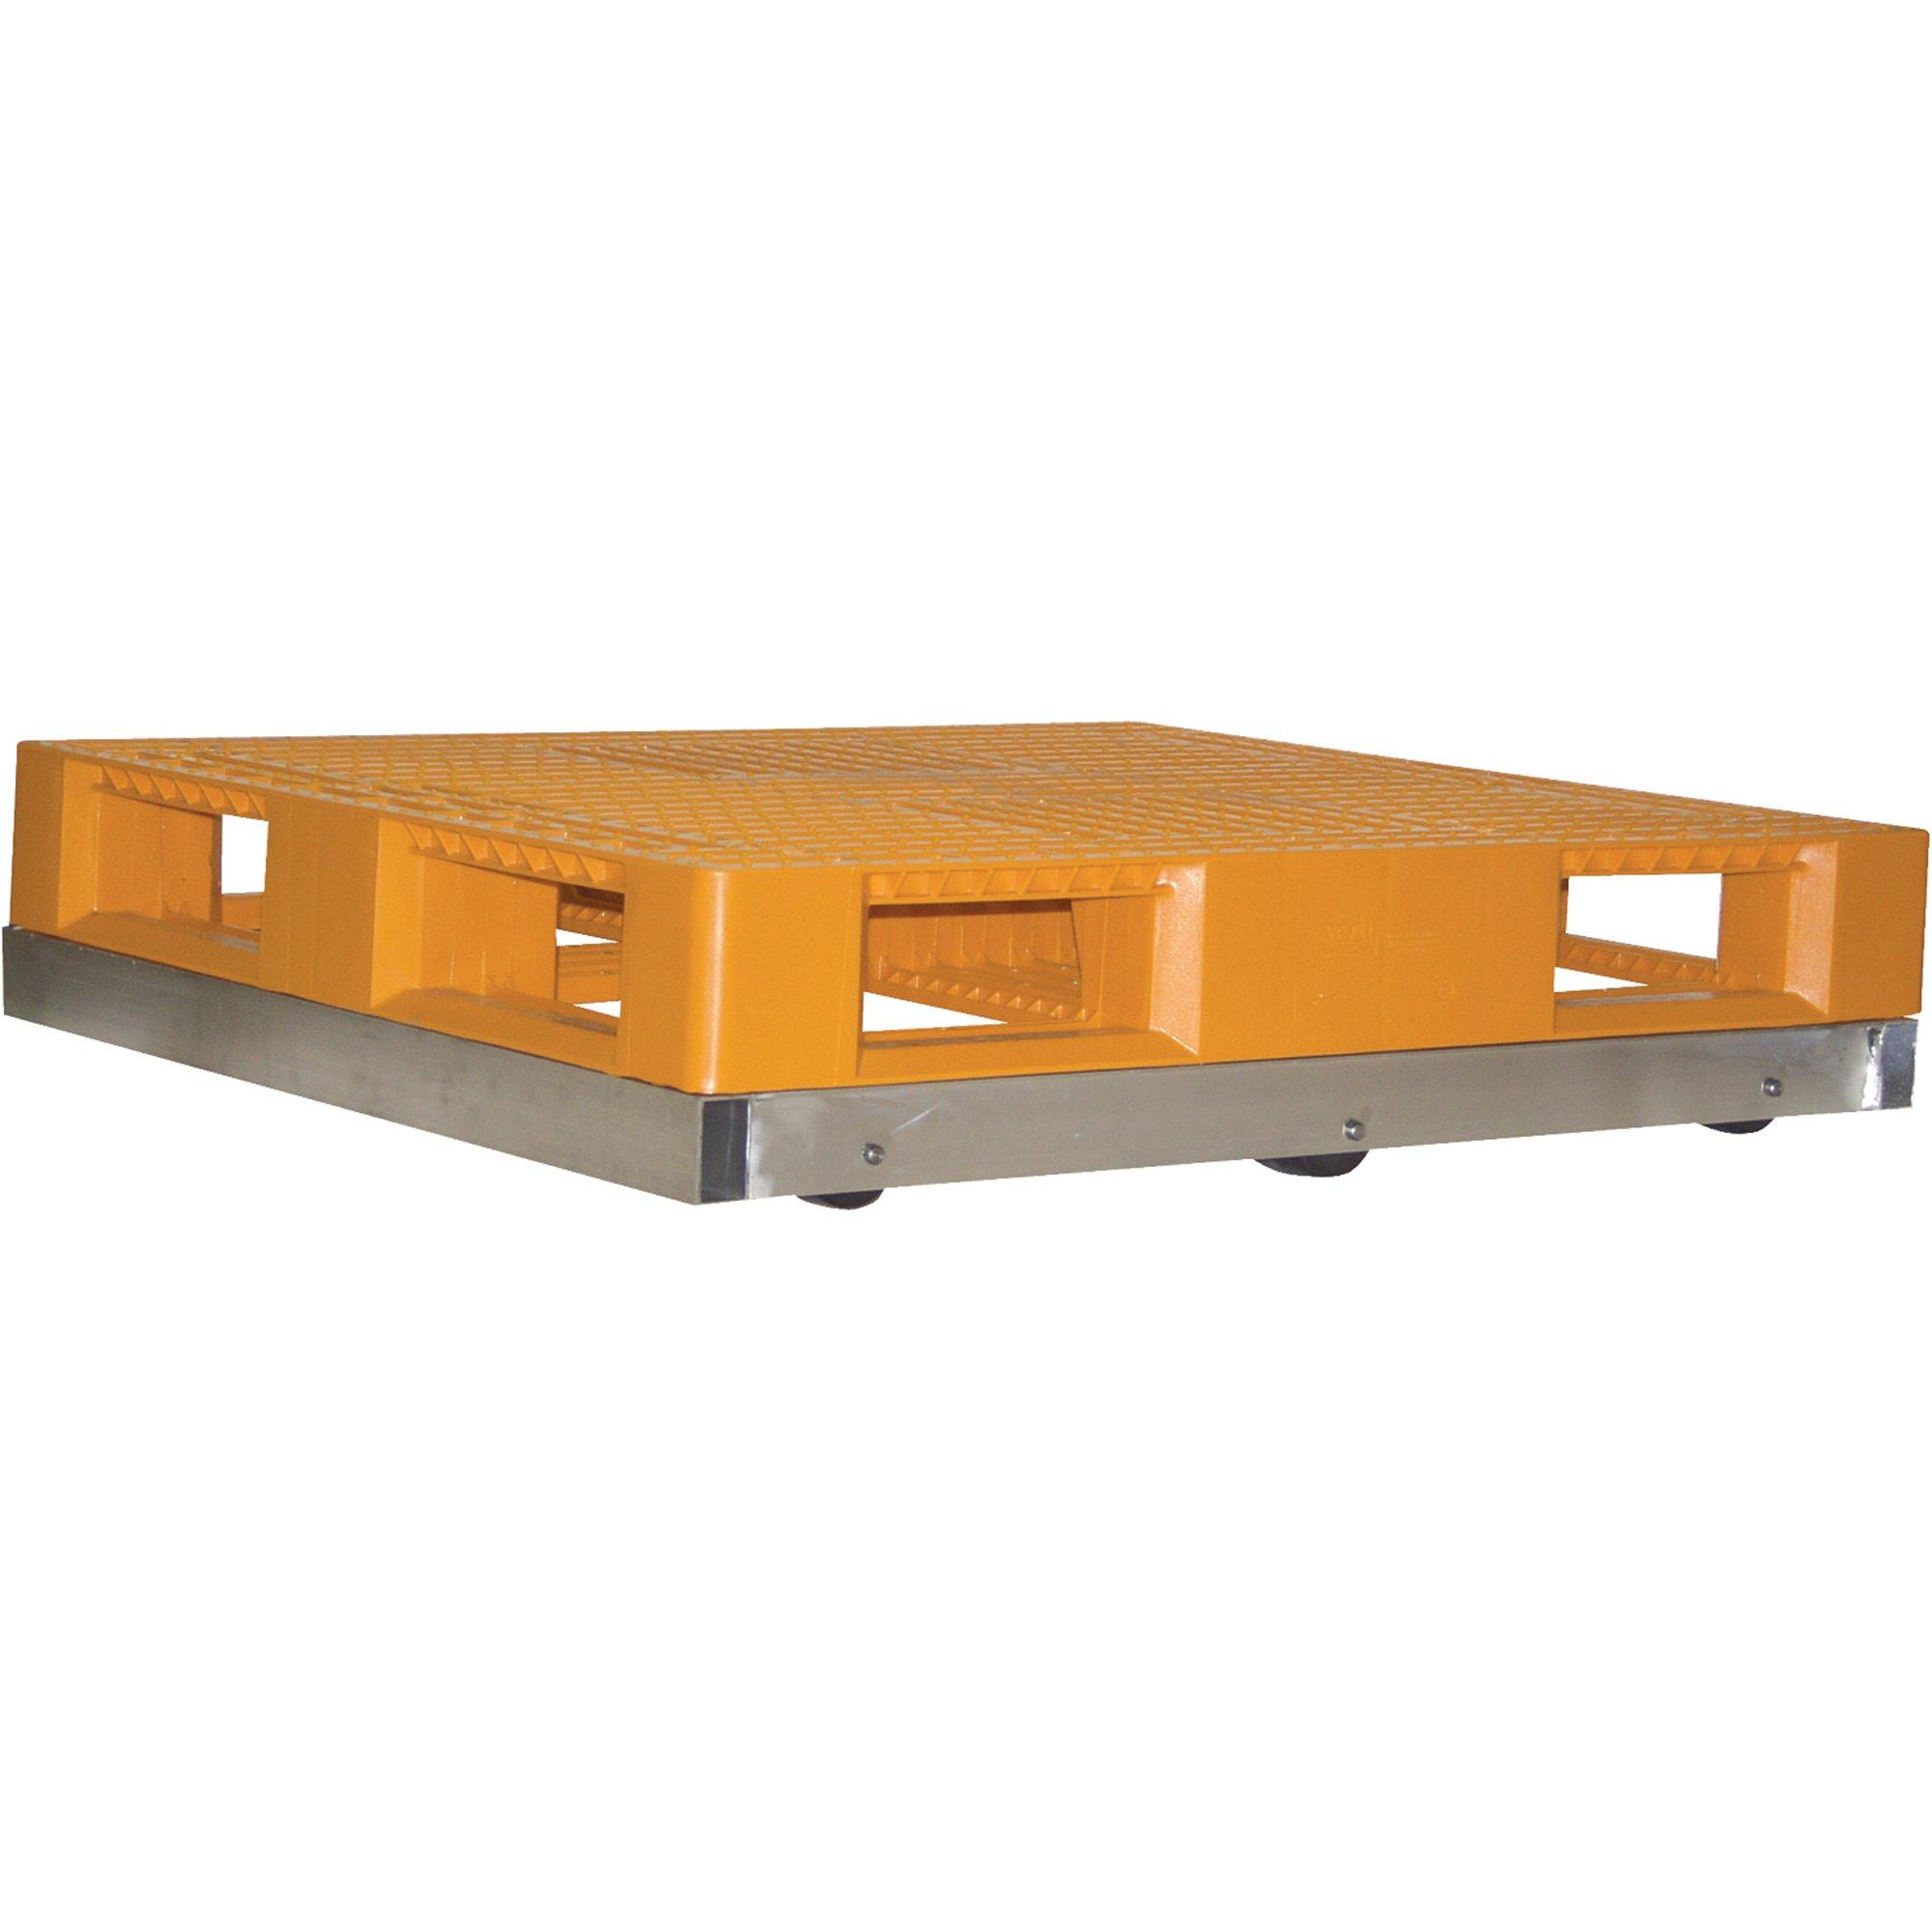 Vestil Aluminum Pallet Dolly - 6,000-Lb. Capacity, 42 in x 42in., Model# DOL-4242-8T